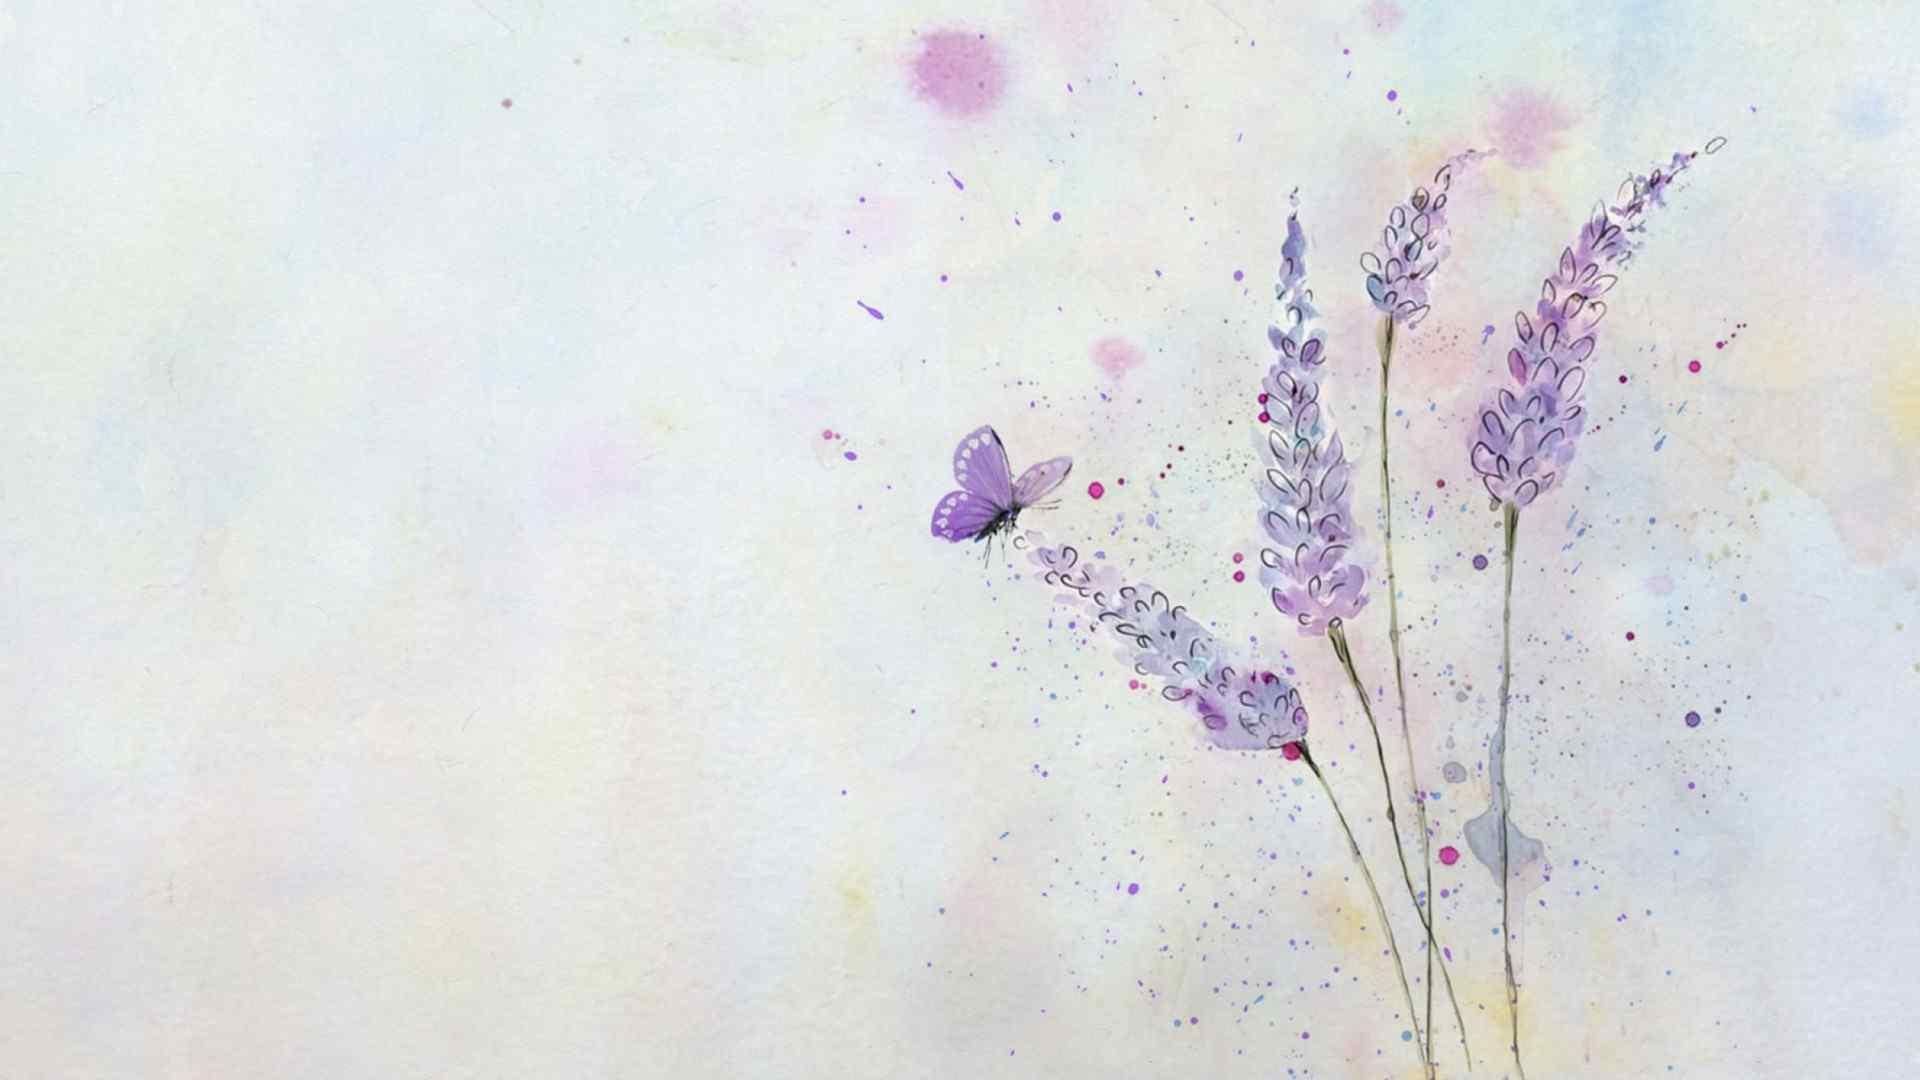 紫色薰衣草手绘插